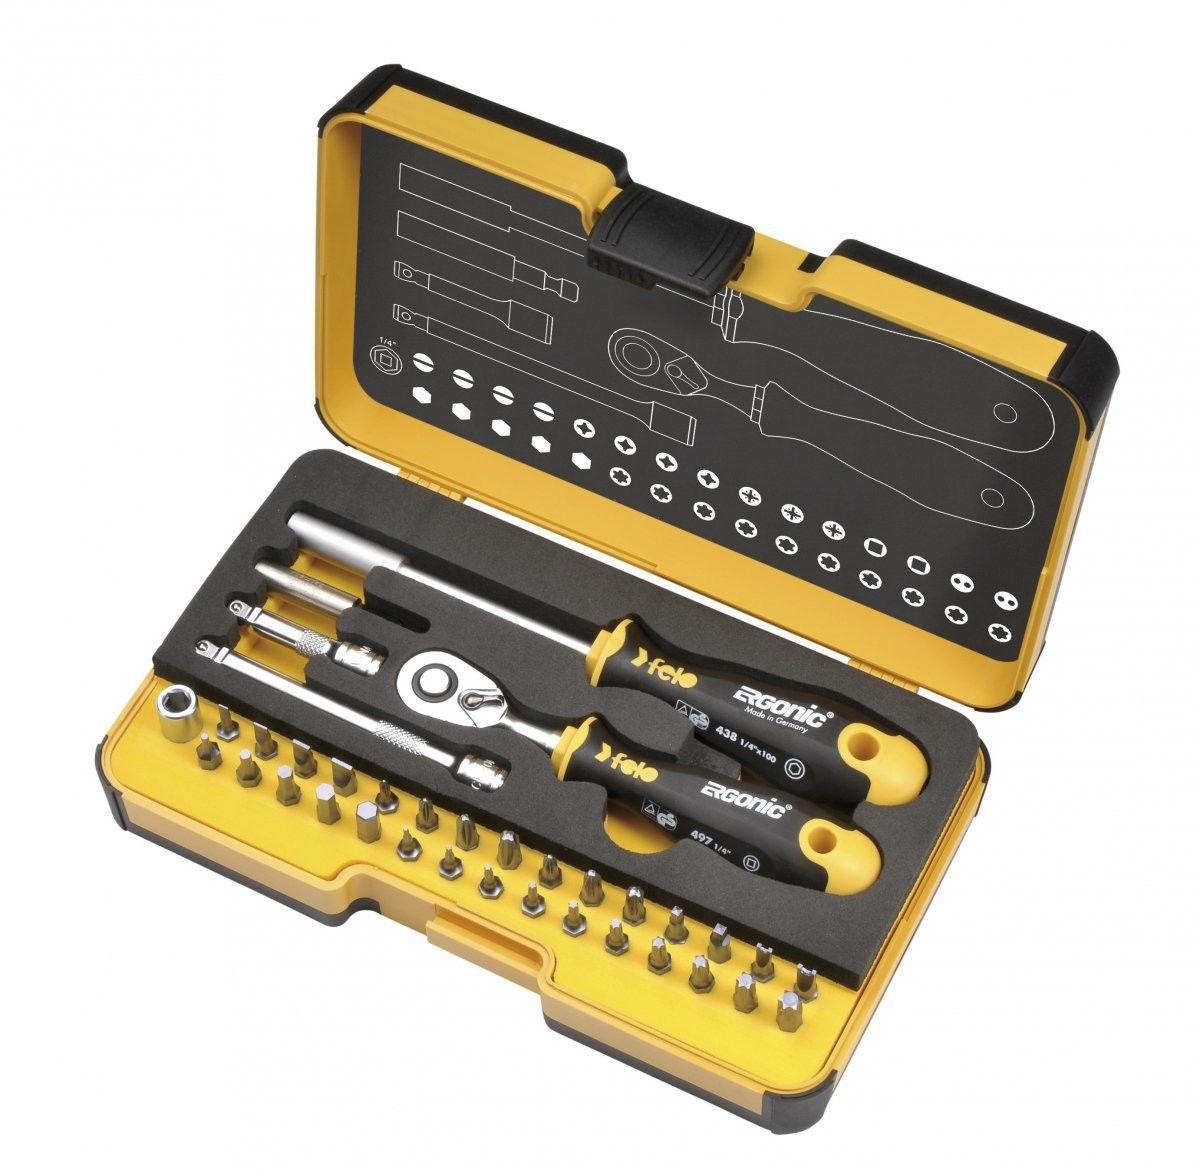 Zestaw kluczy nasadowych z grzechotką FELO 05783616 R-GO XL 36 szt.